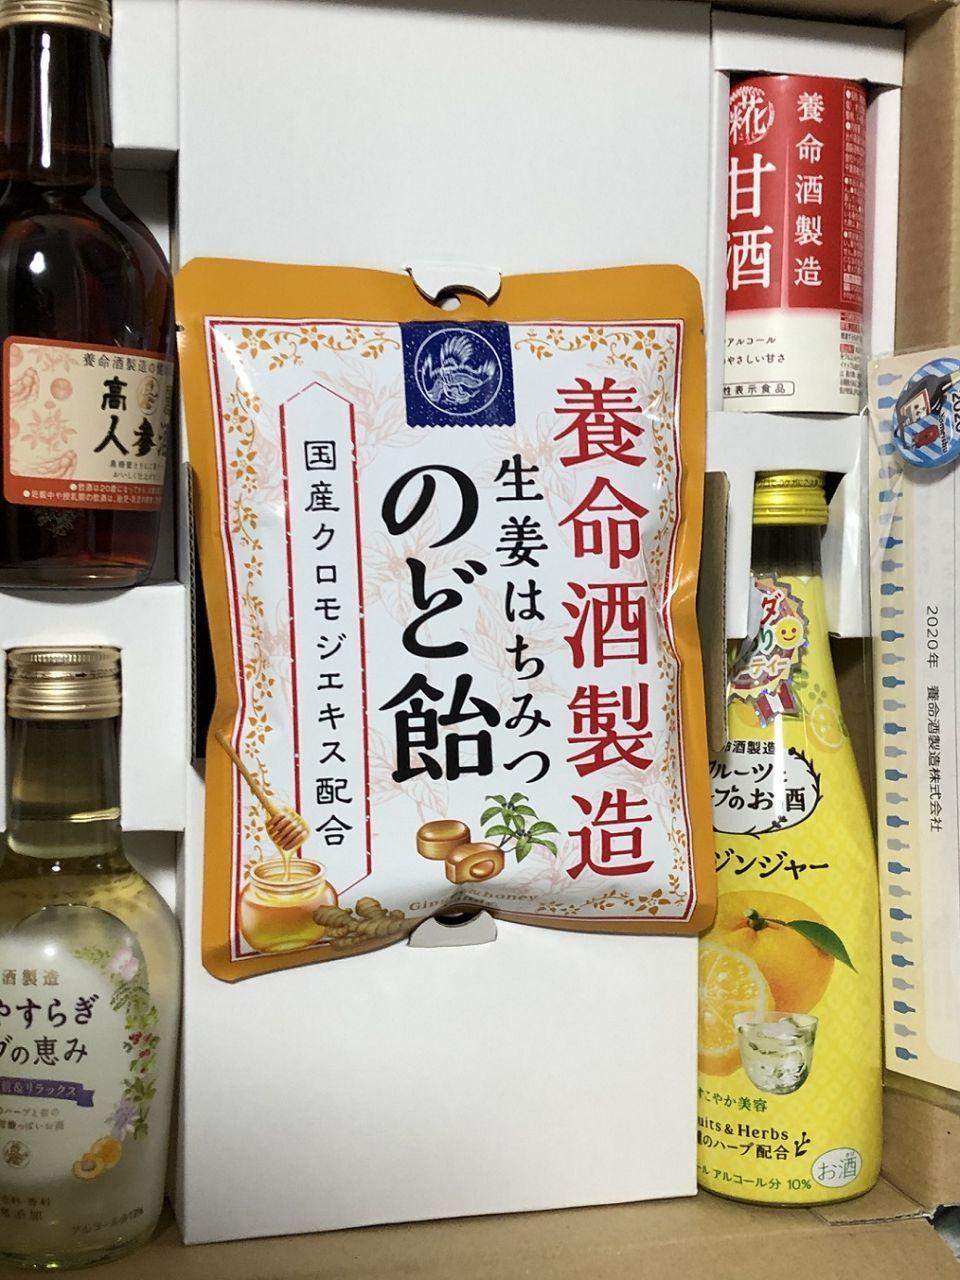 2540 - 養命酒製造(株) 【 株主優待 到着 】 (3年未満 100株) B酒類セット -。